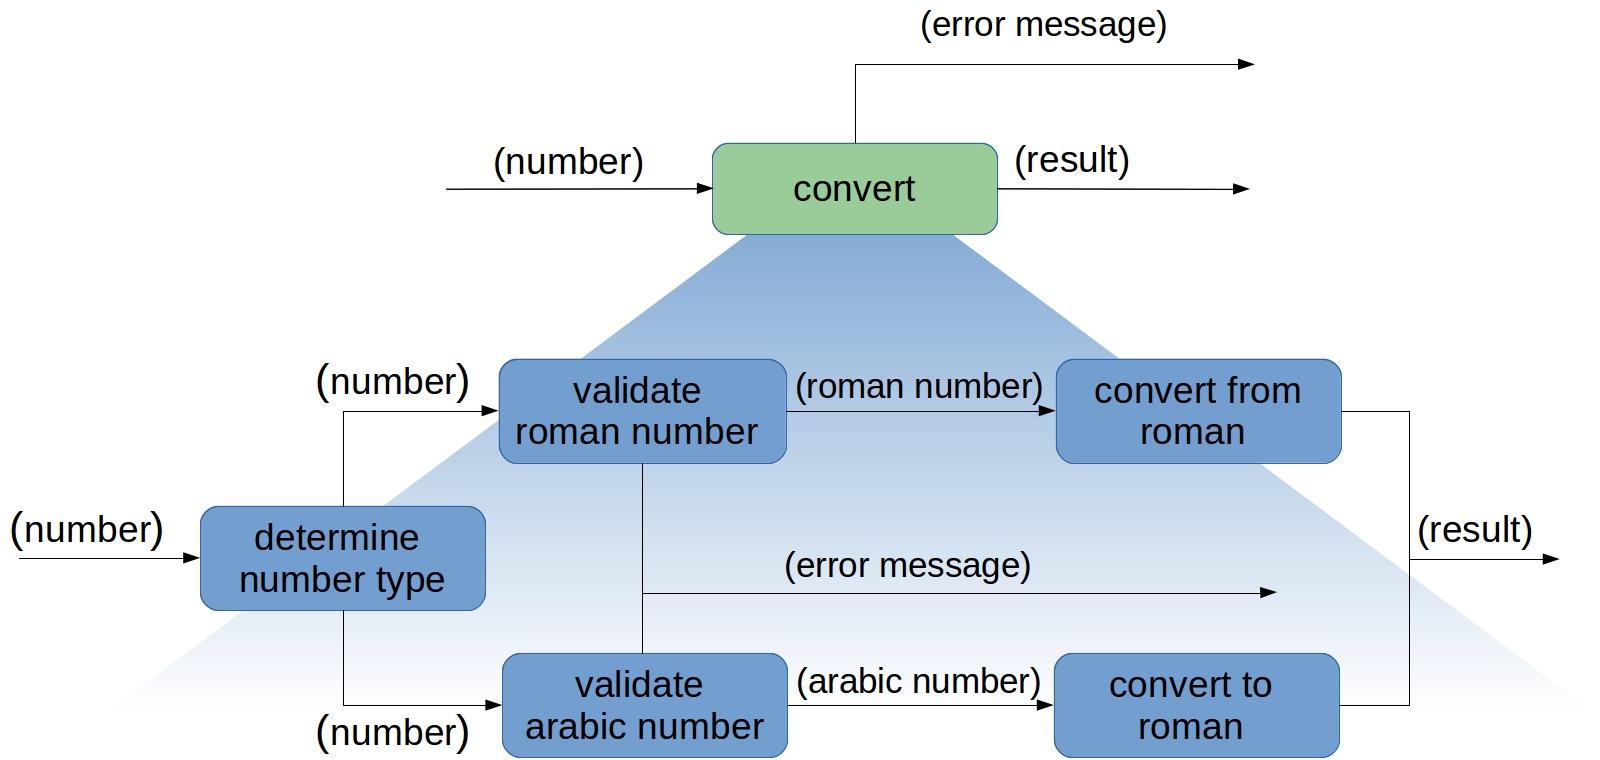 Funktionseinheit convert. (Abb. 5)